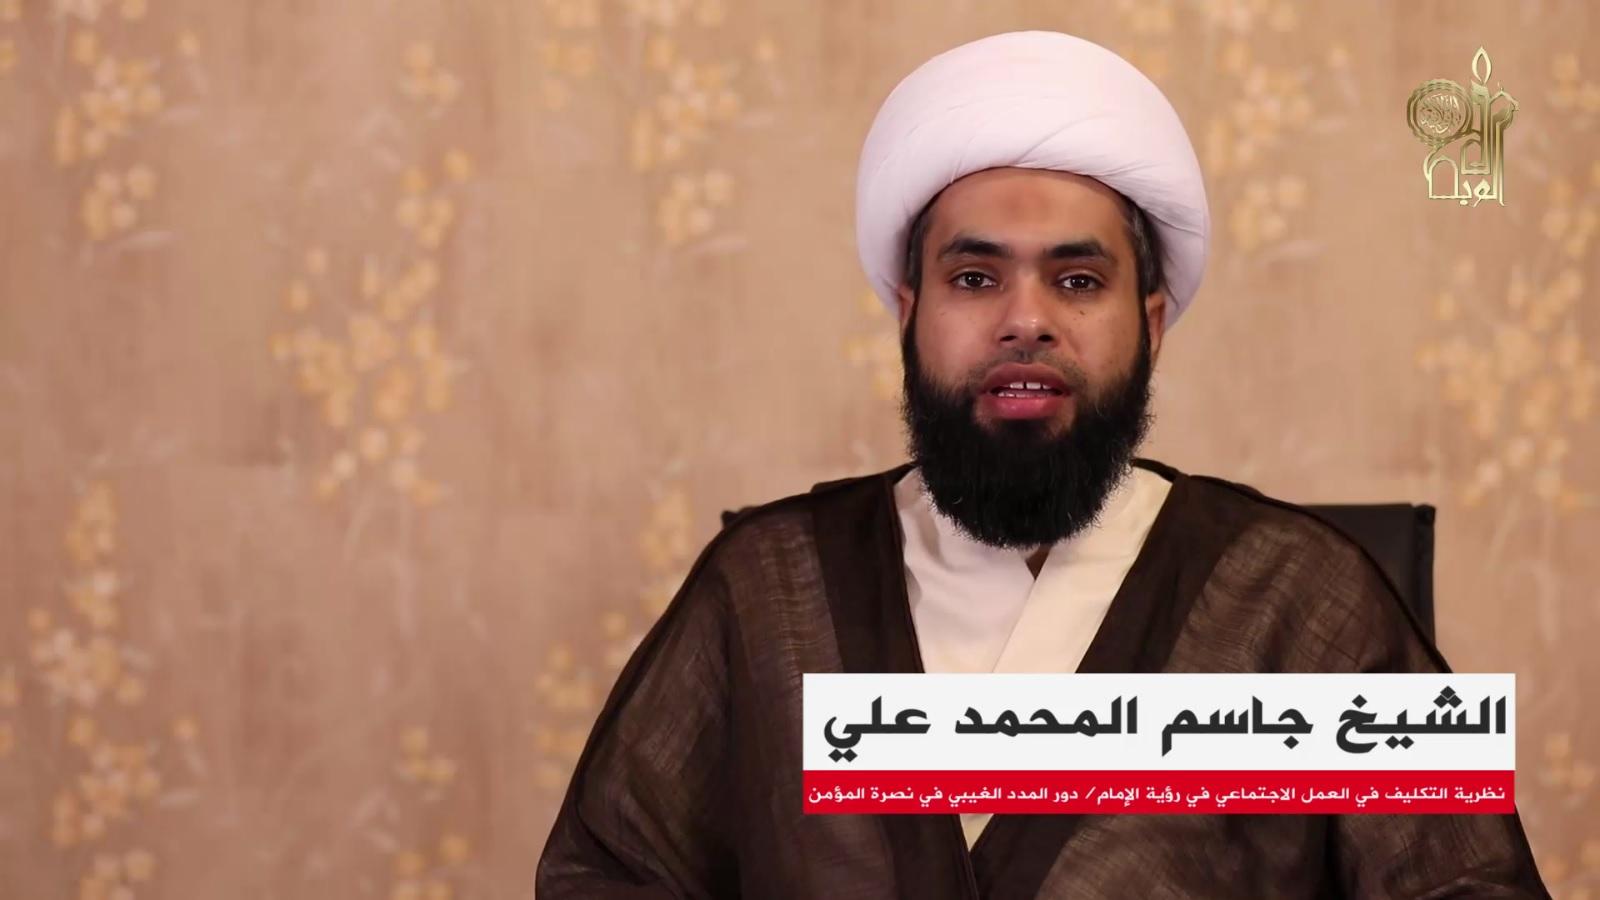 دور المدد الغيبي في تحديات الحياة الاجتماعية من منظور الإمام/ اضاءات حول نظرية التكليف الالهي